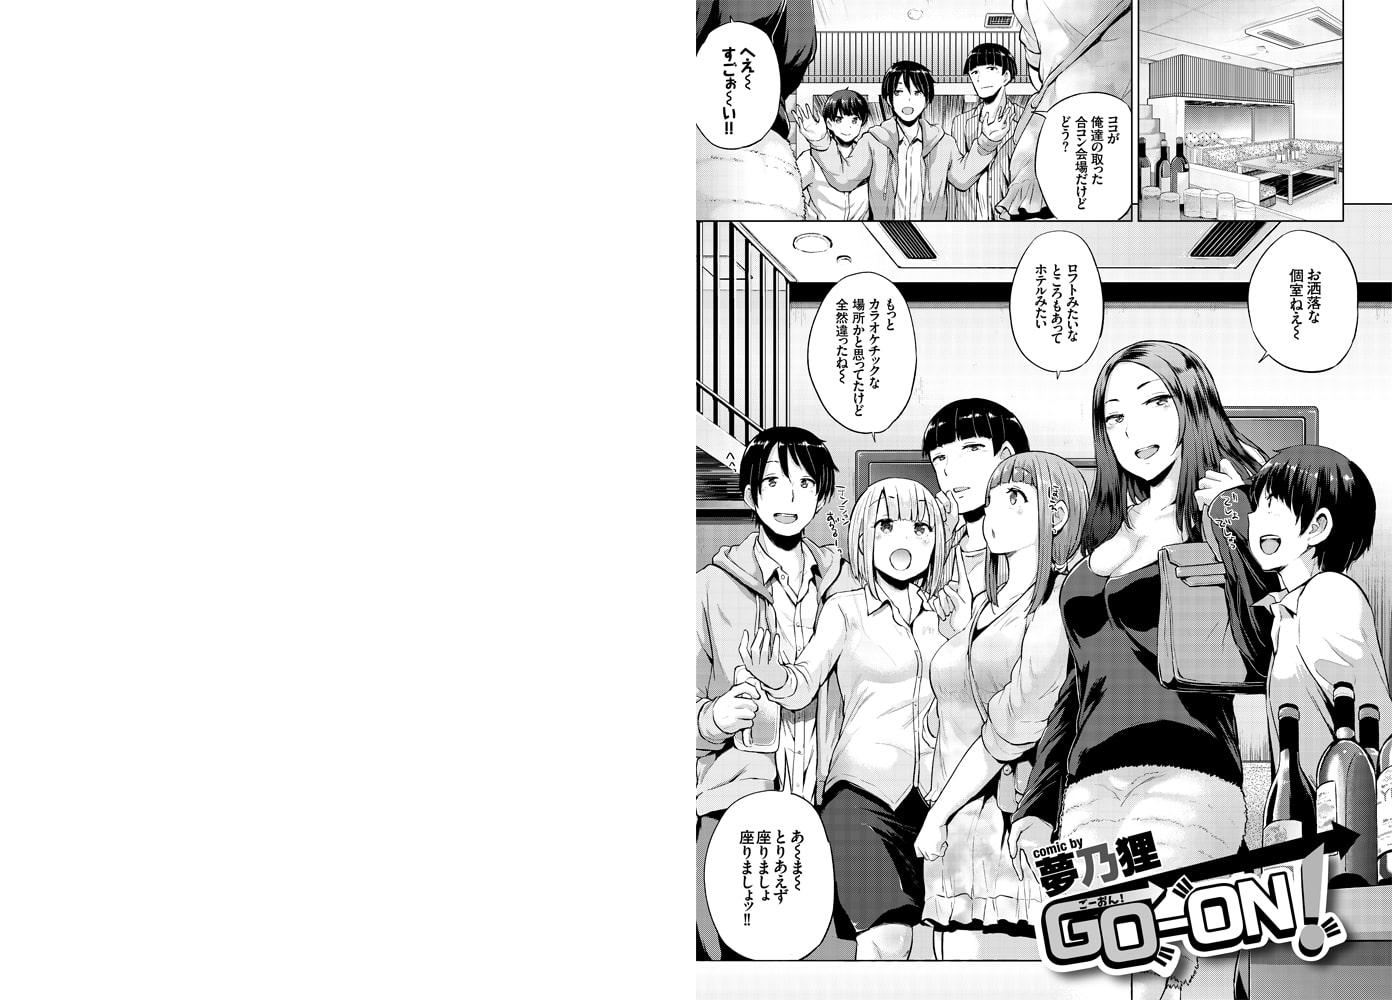 SEX中毒ッ! マジヤバ超絶ビッチ! VOL.7